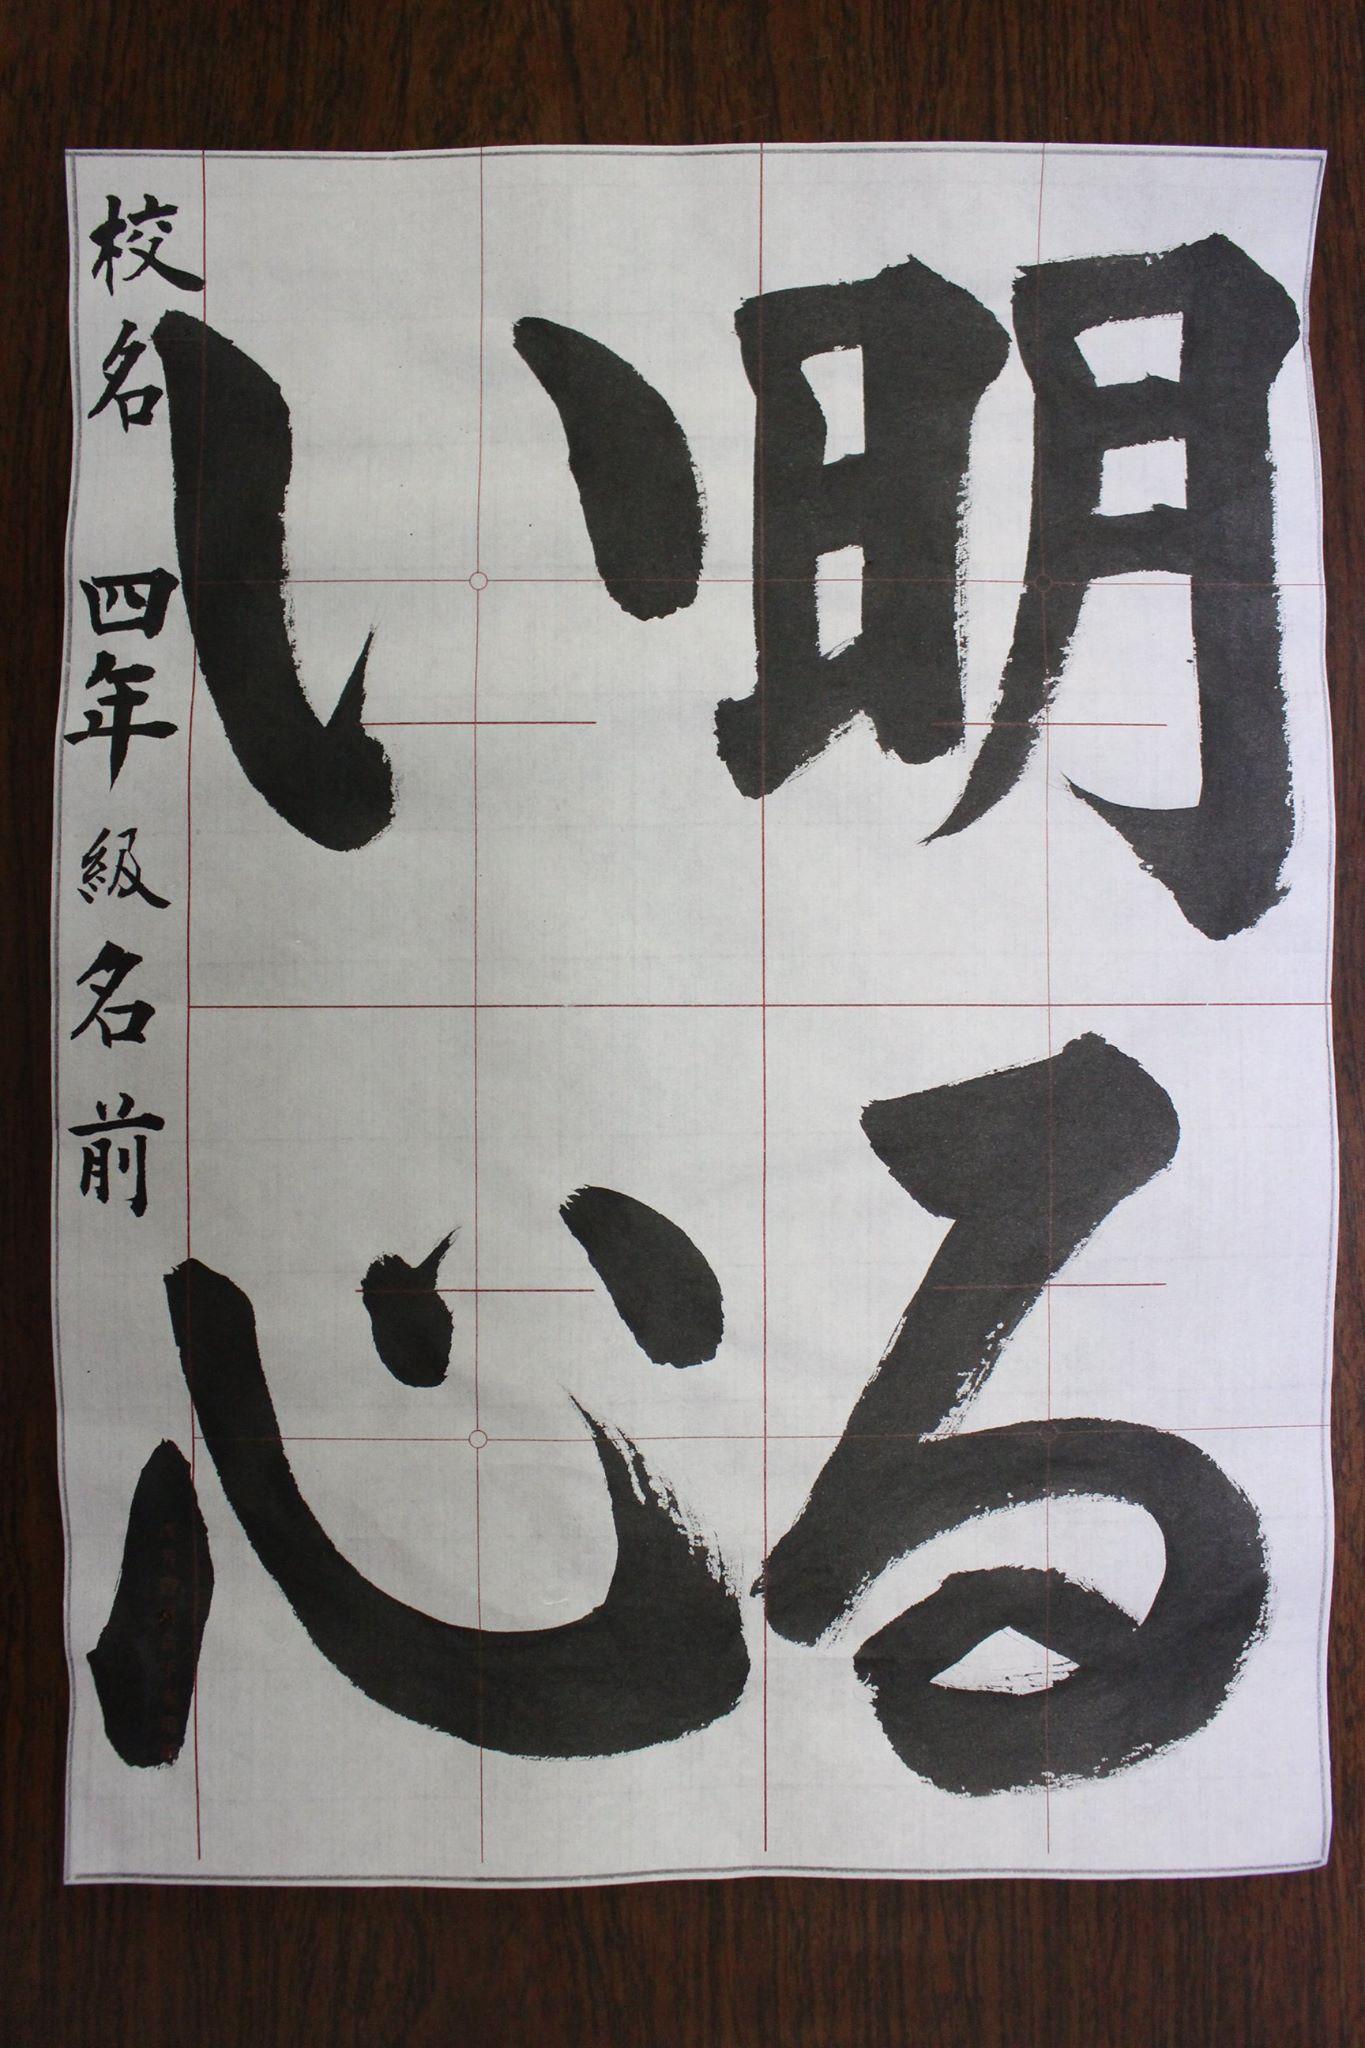 佐賀県 書道連盟  大空 月例 課題 書道 お習字 書き方 毛筆 書き方